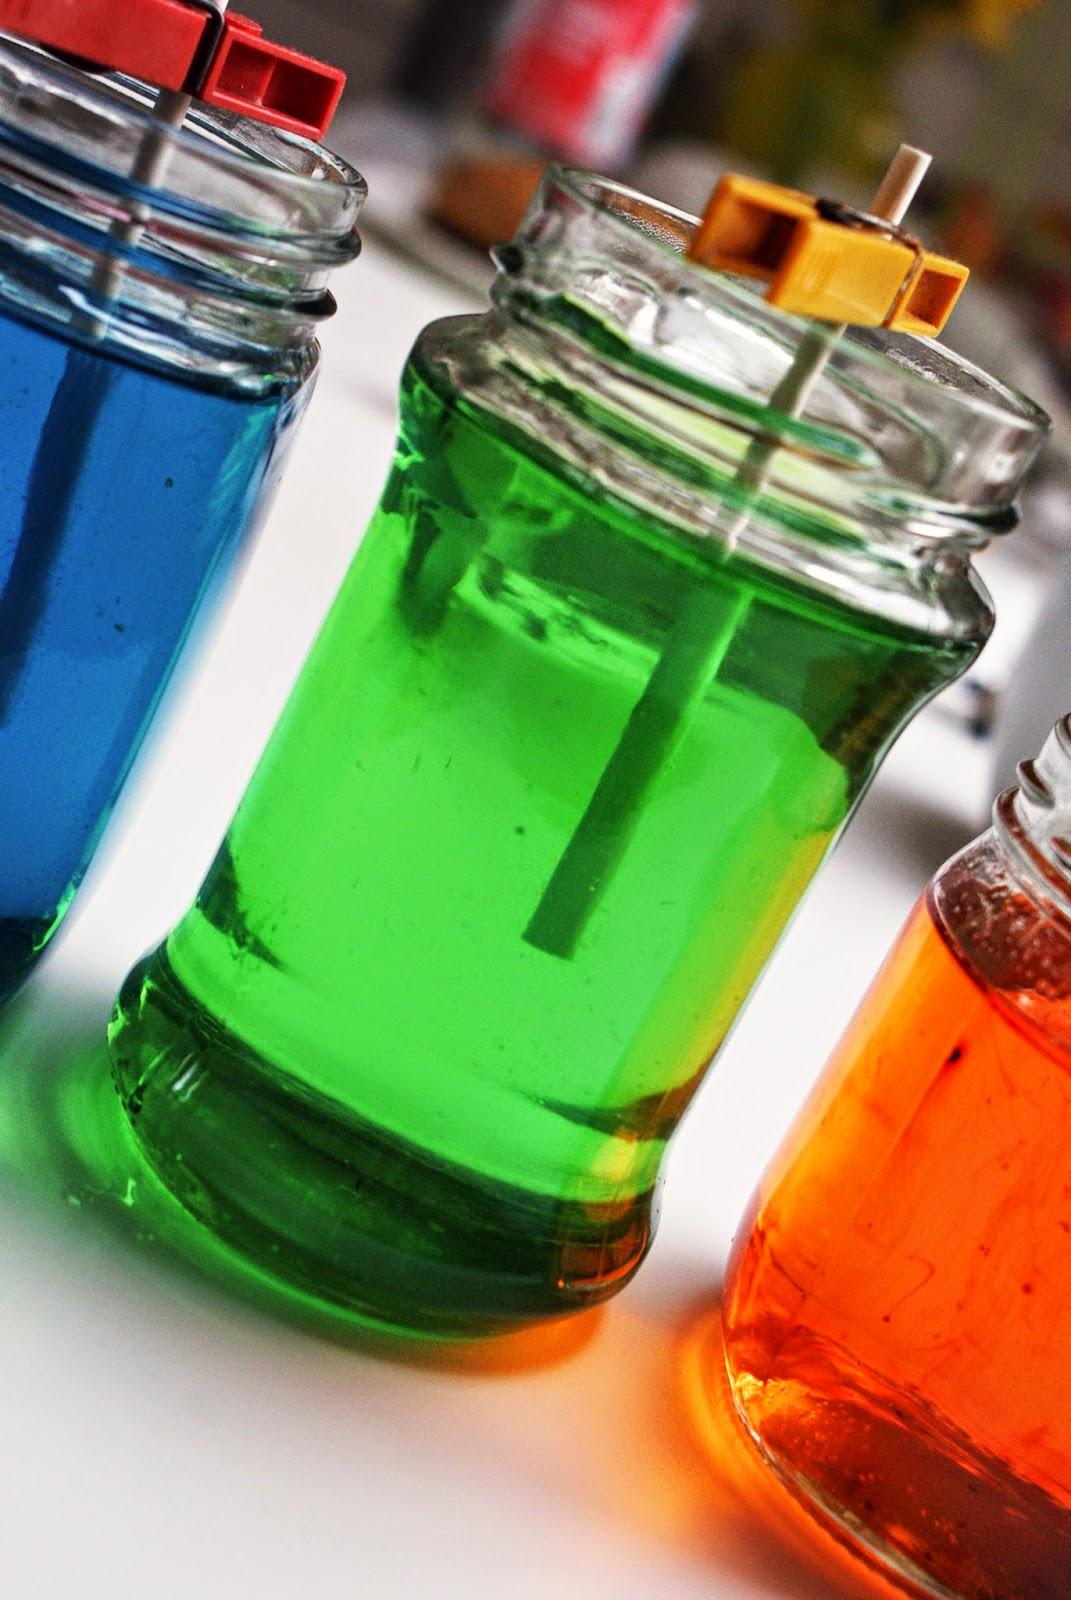 Wie man Sugar rocks oder Zuckerkristalle herstellt